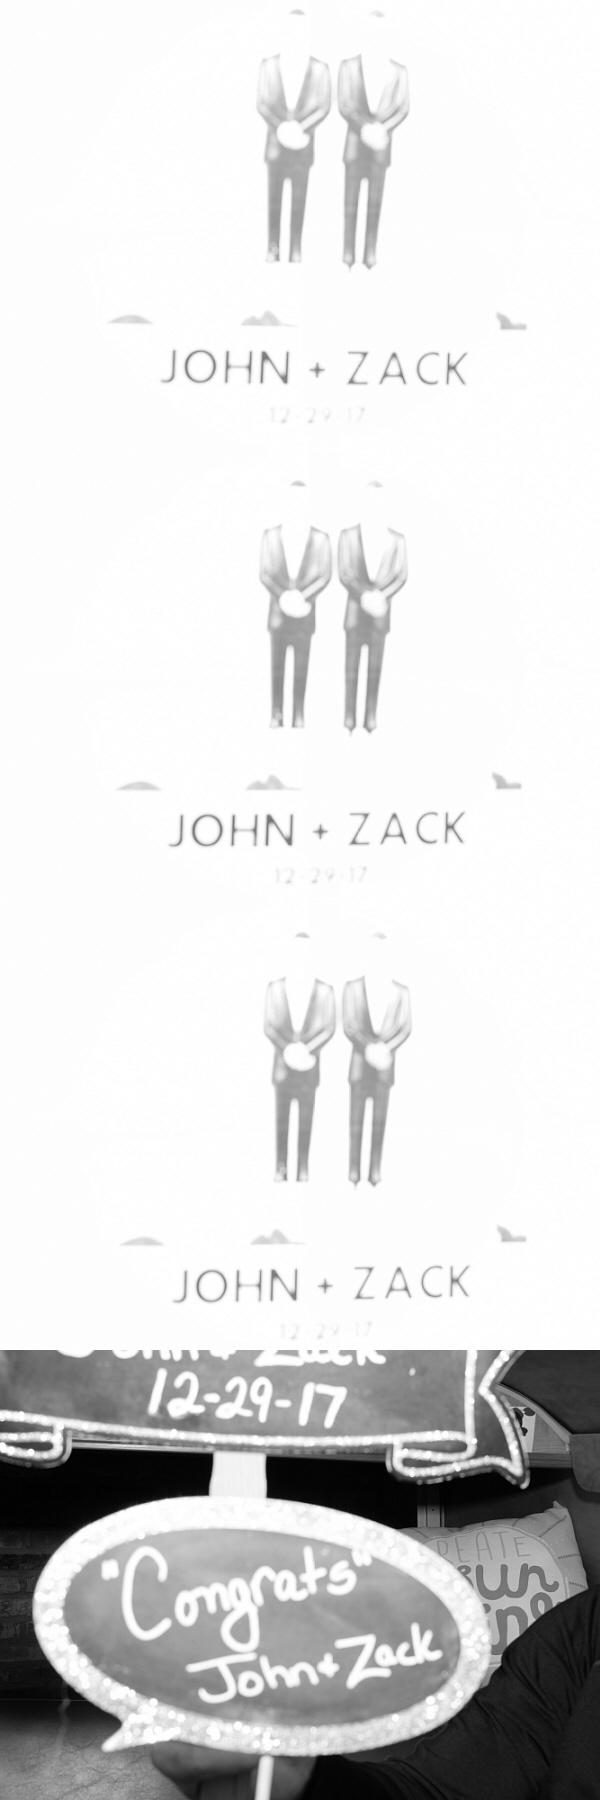 John + Zack Wedding 10-29-17_01.jpg